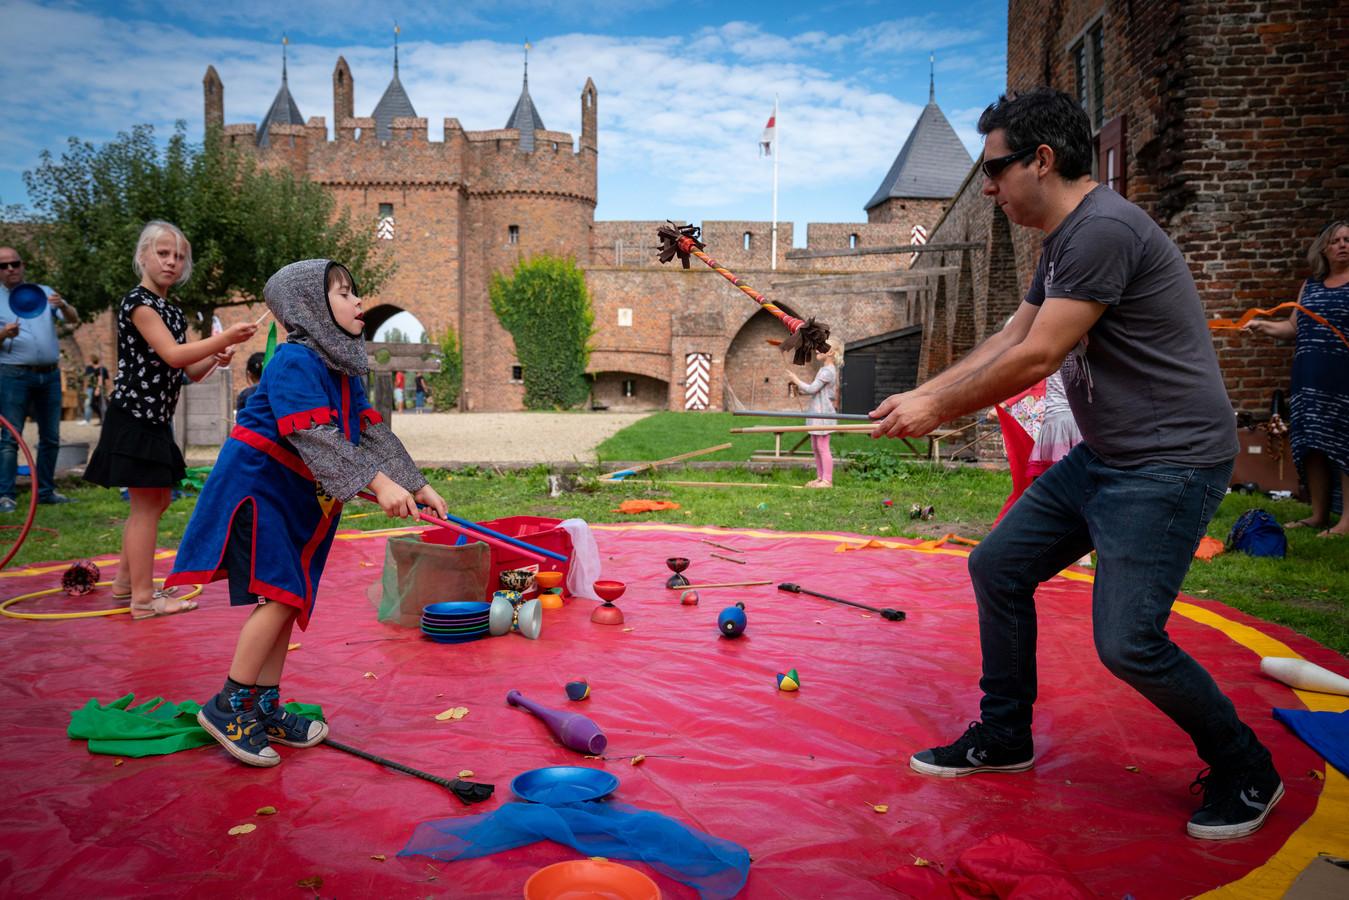 Terug naar de middeleeuwen bij kasteel Doornenburg.